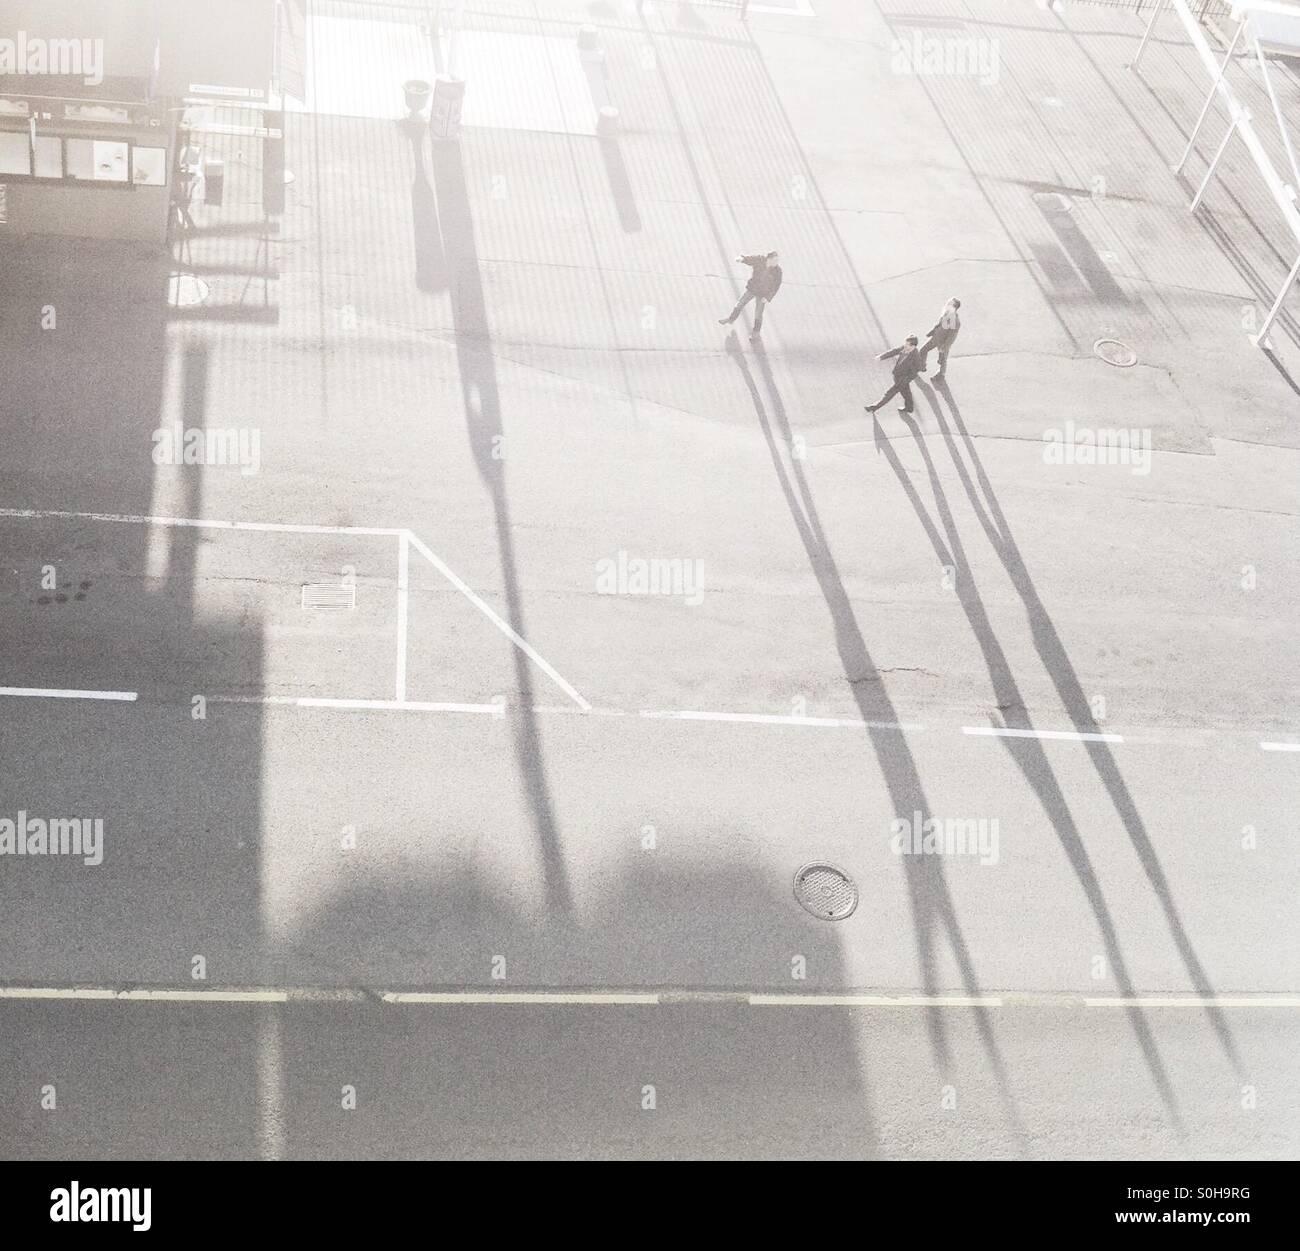 Walking giants - Stock Image